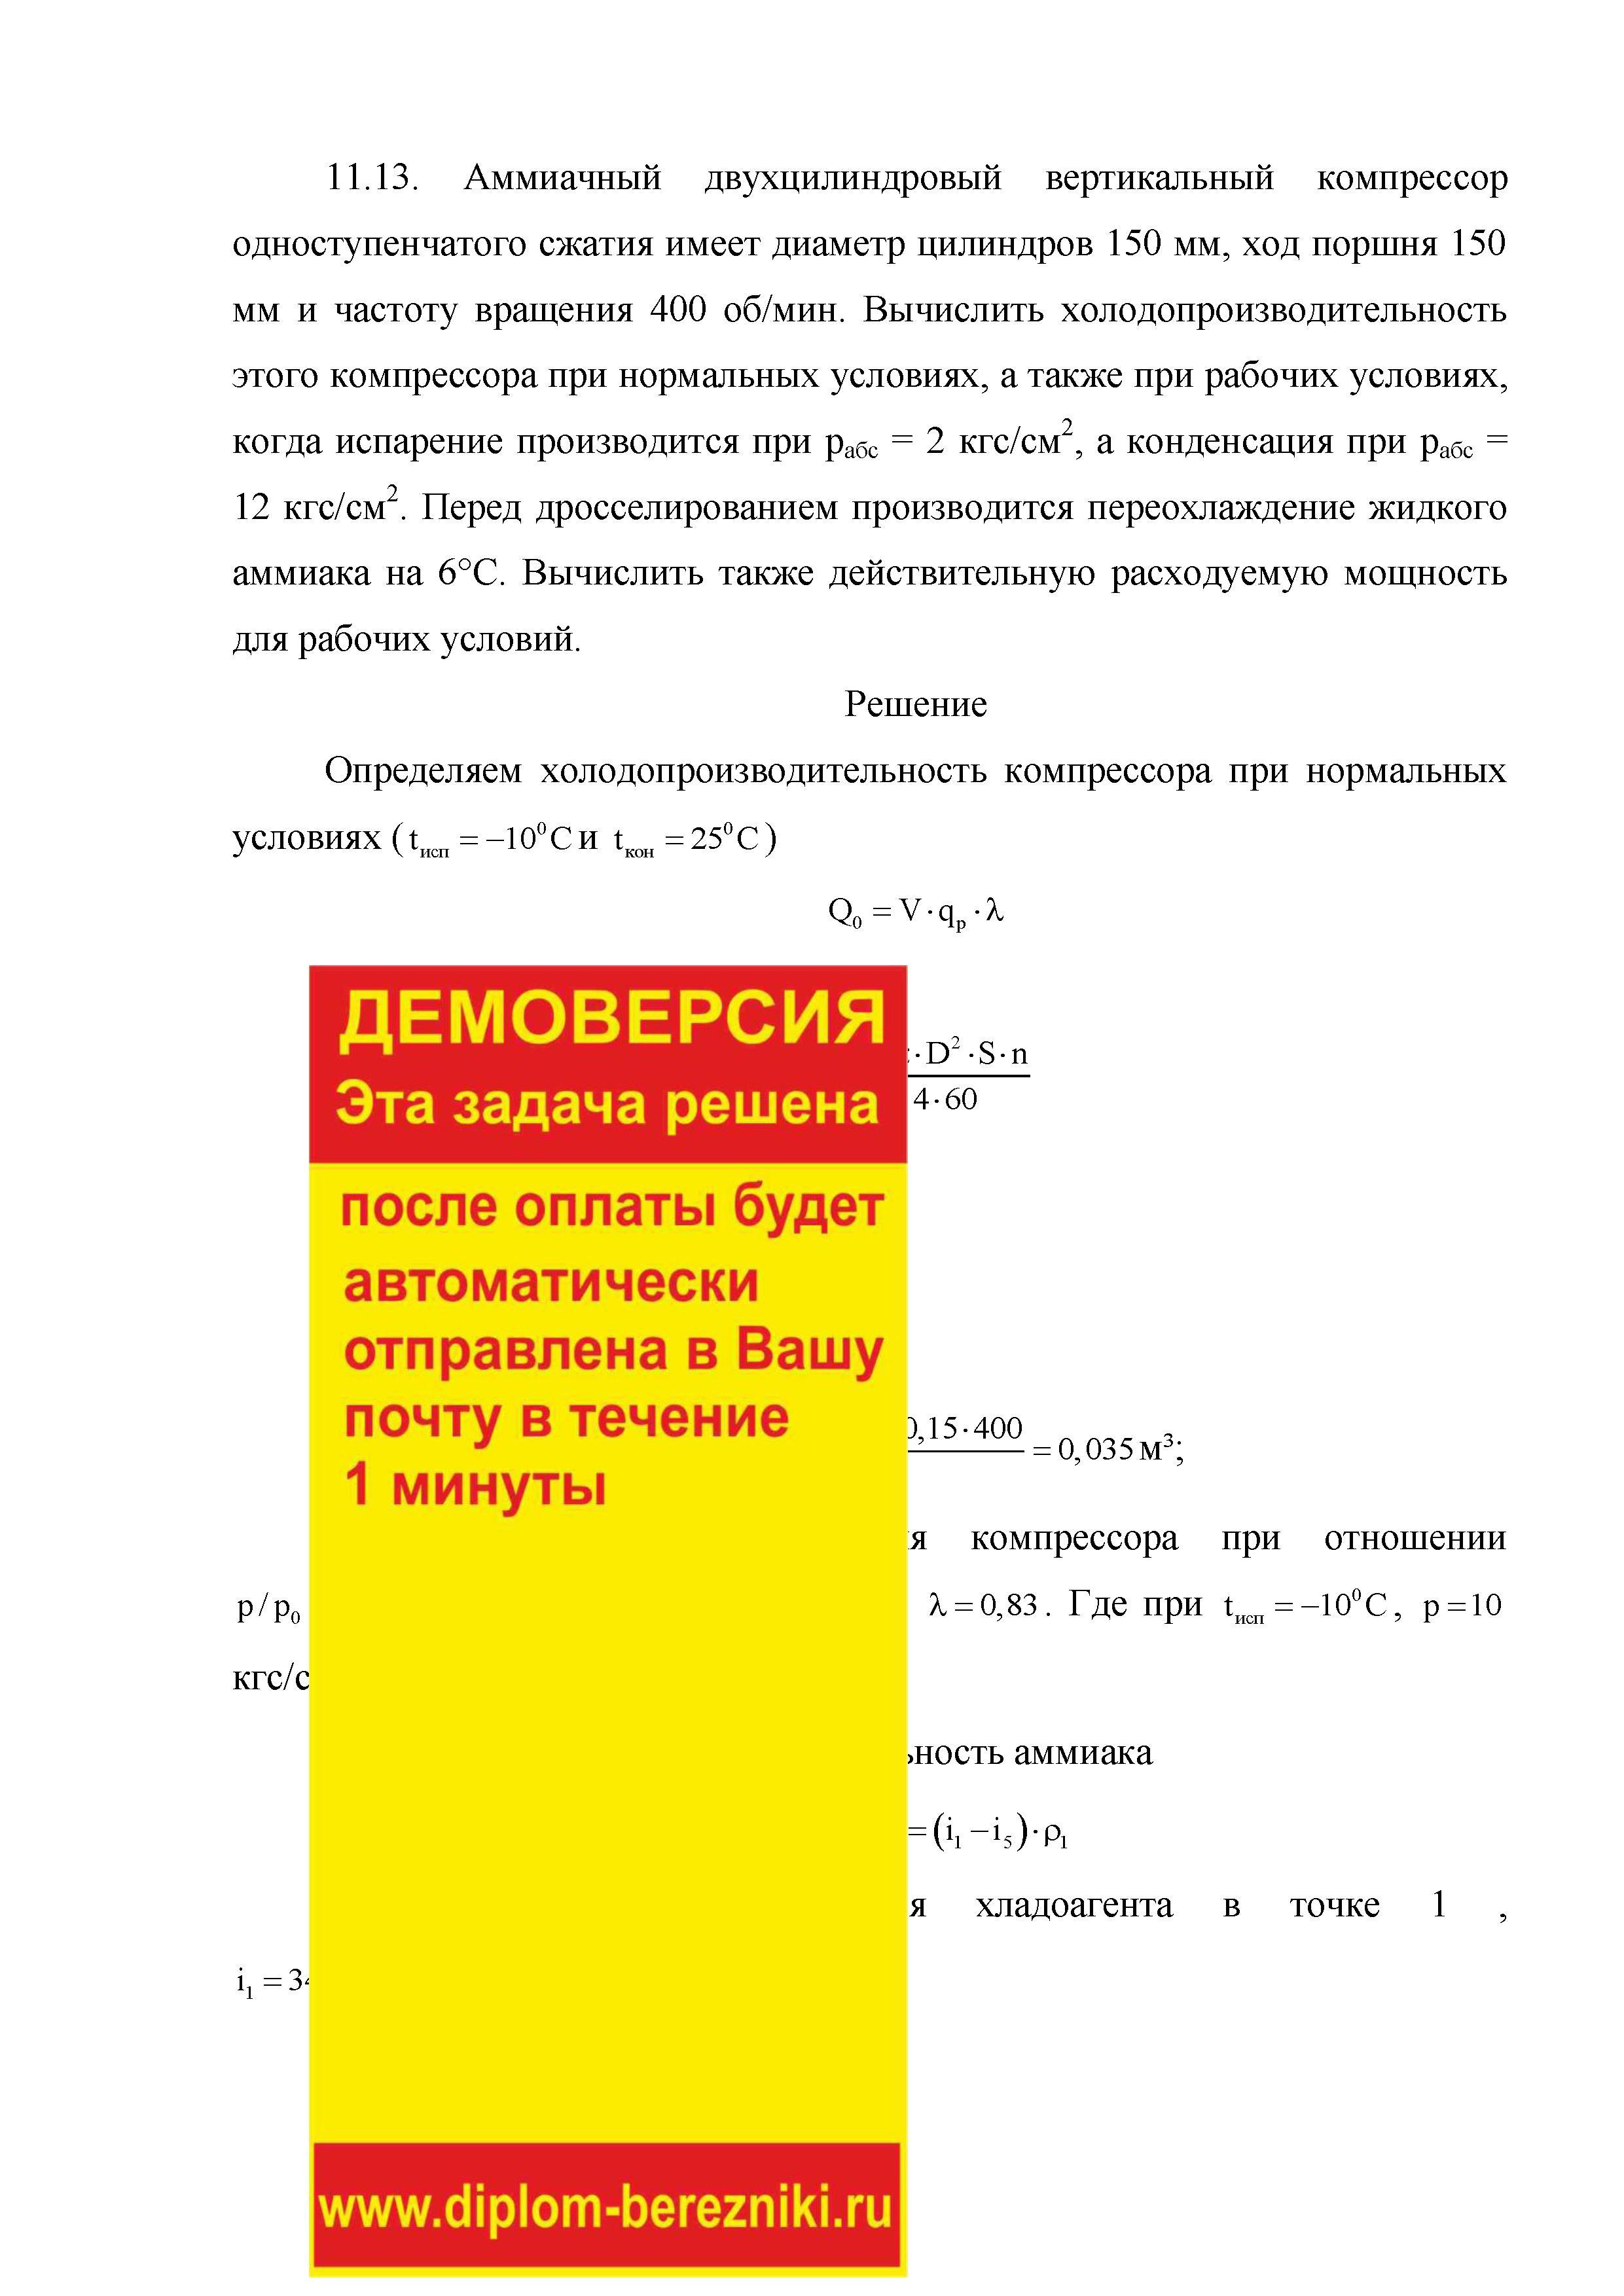 Решение задачи 11.13  по ПАХТ из задачника Павлова Романкова Носкова